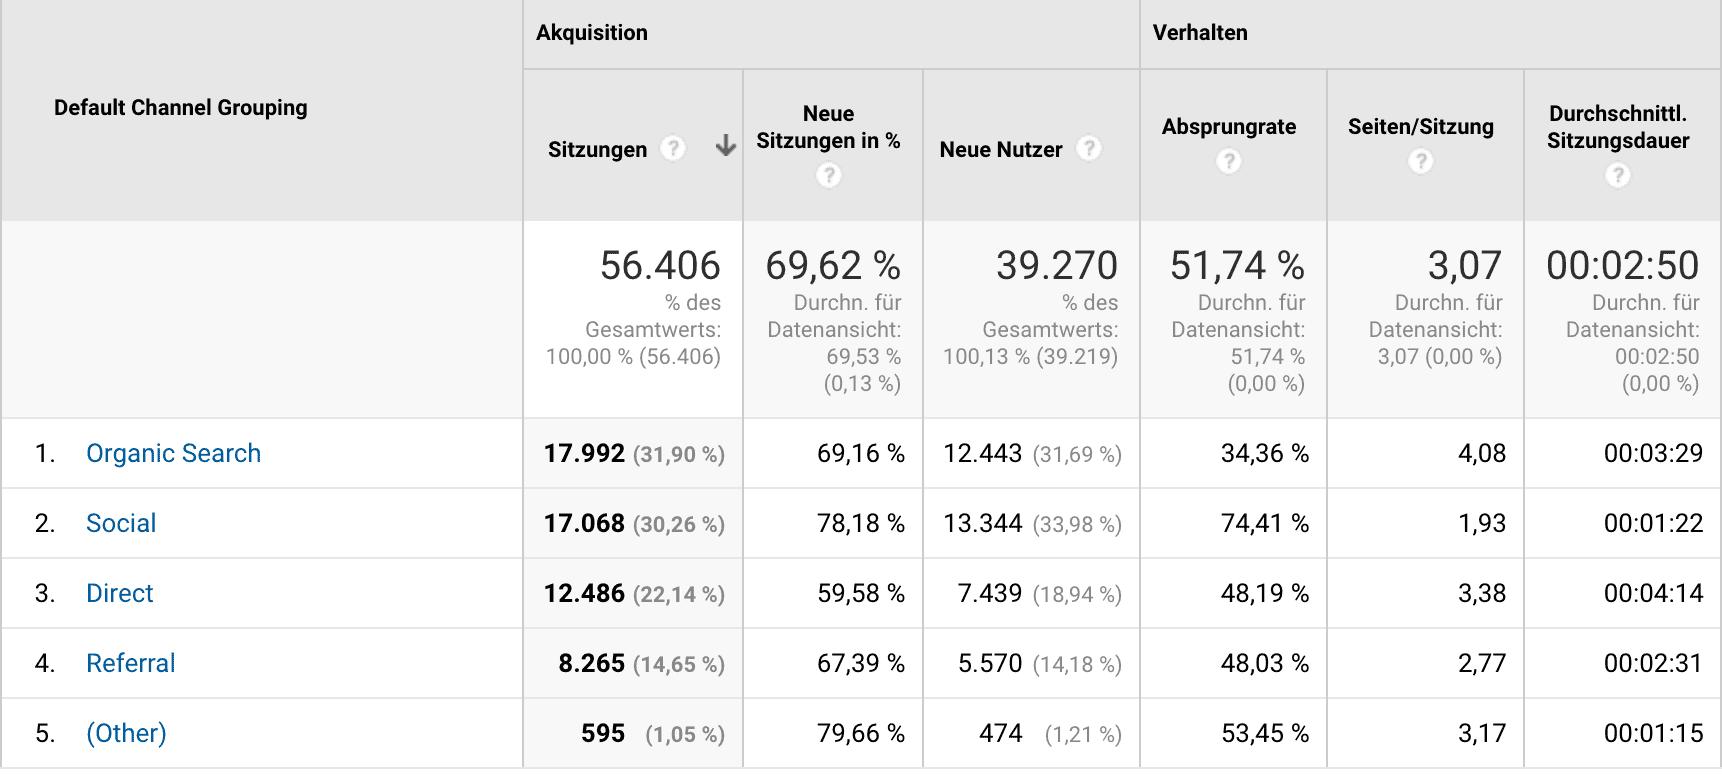 """Das sieht doch gesund aus: Viel Traffic aus Google, aber ebenso viel aus Facebook und eine Menge """"Direct Traffic"""". Glückwunsch zur Unabhängigkeit!"""